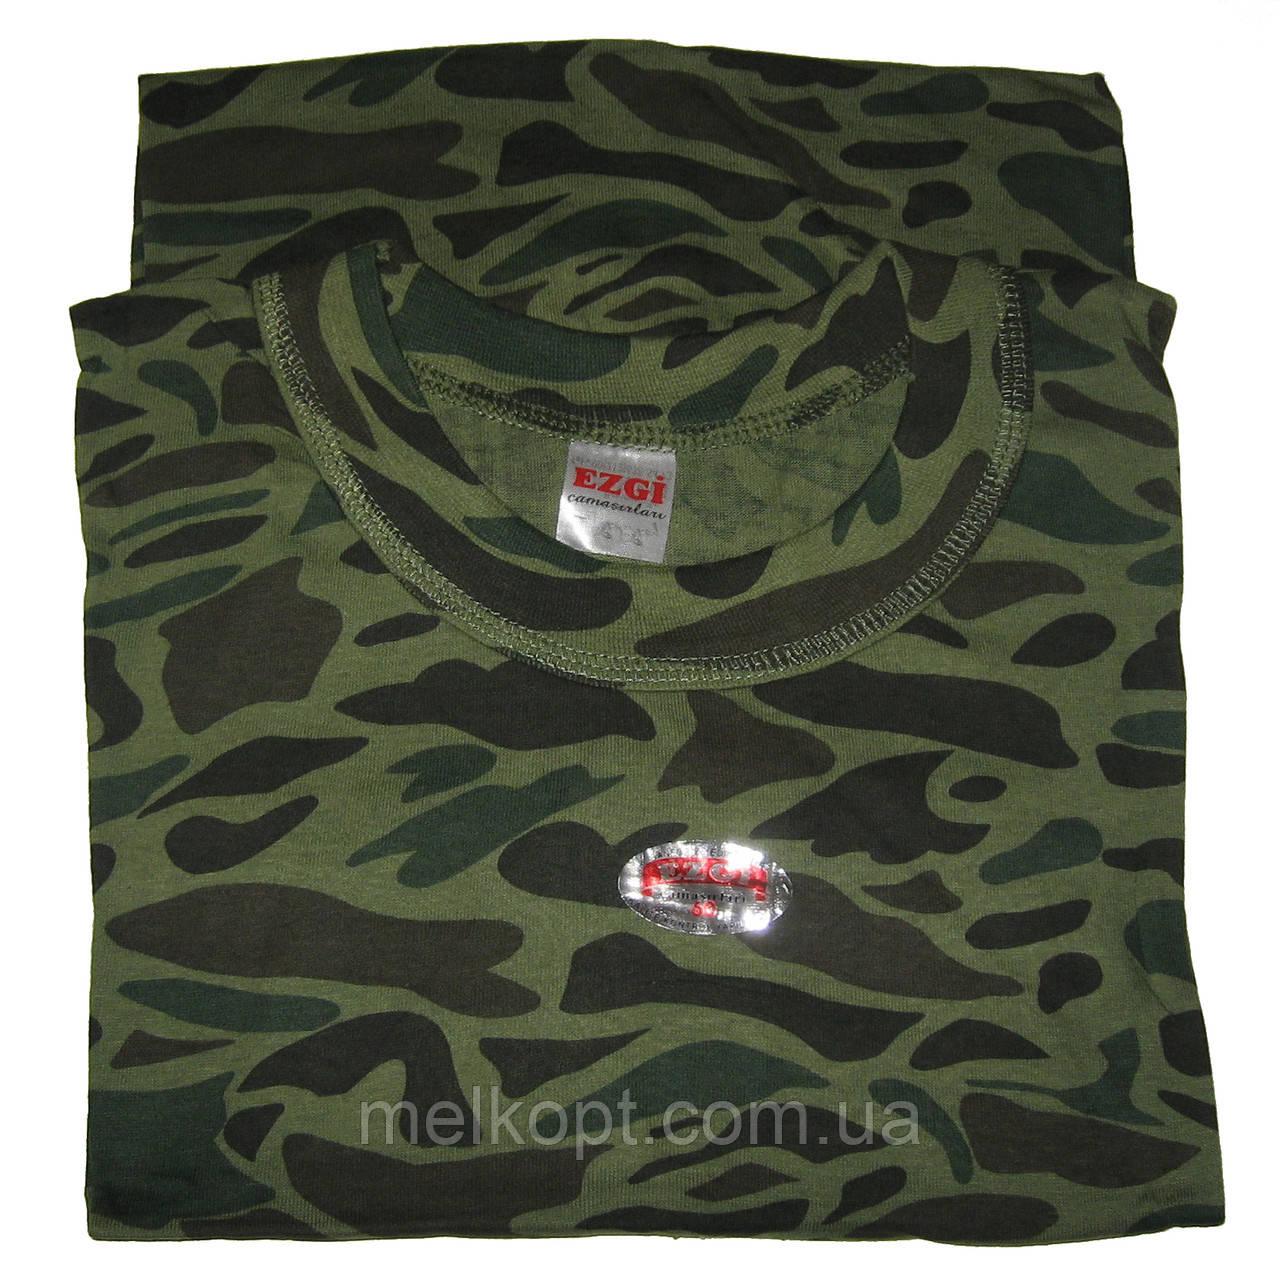 Чоловічі футболки Ezgi - 78,00 грн./шт. (80-й розмір, хакі)